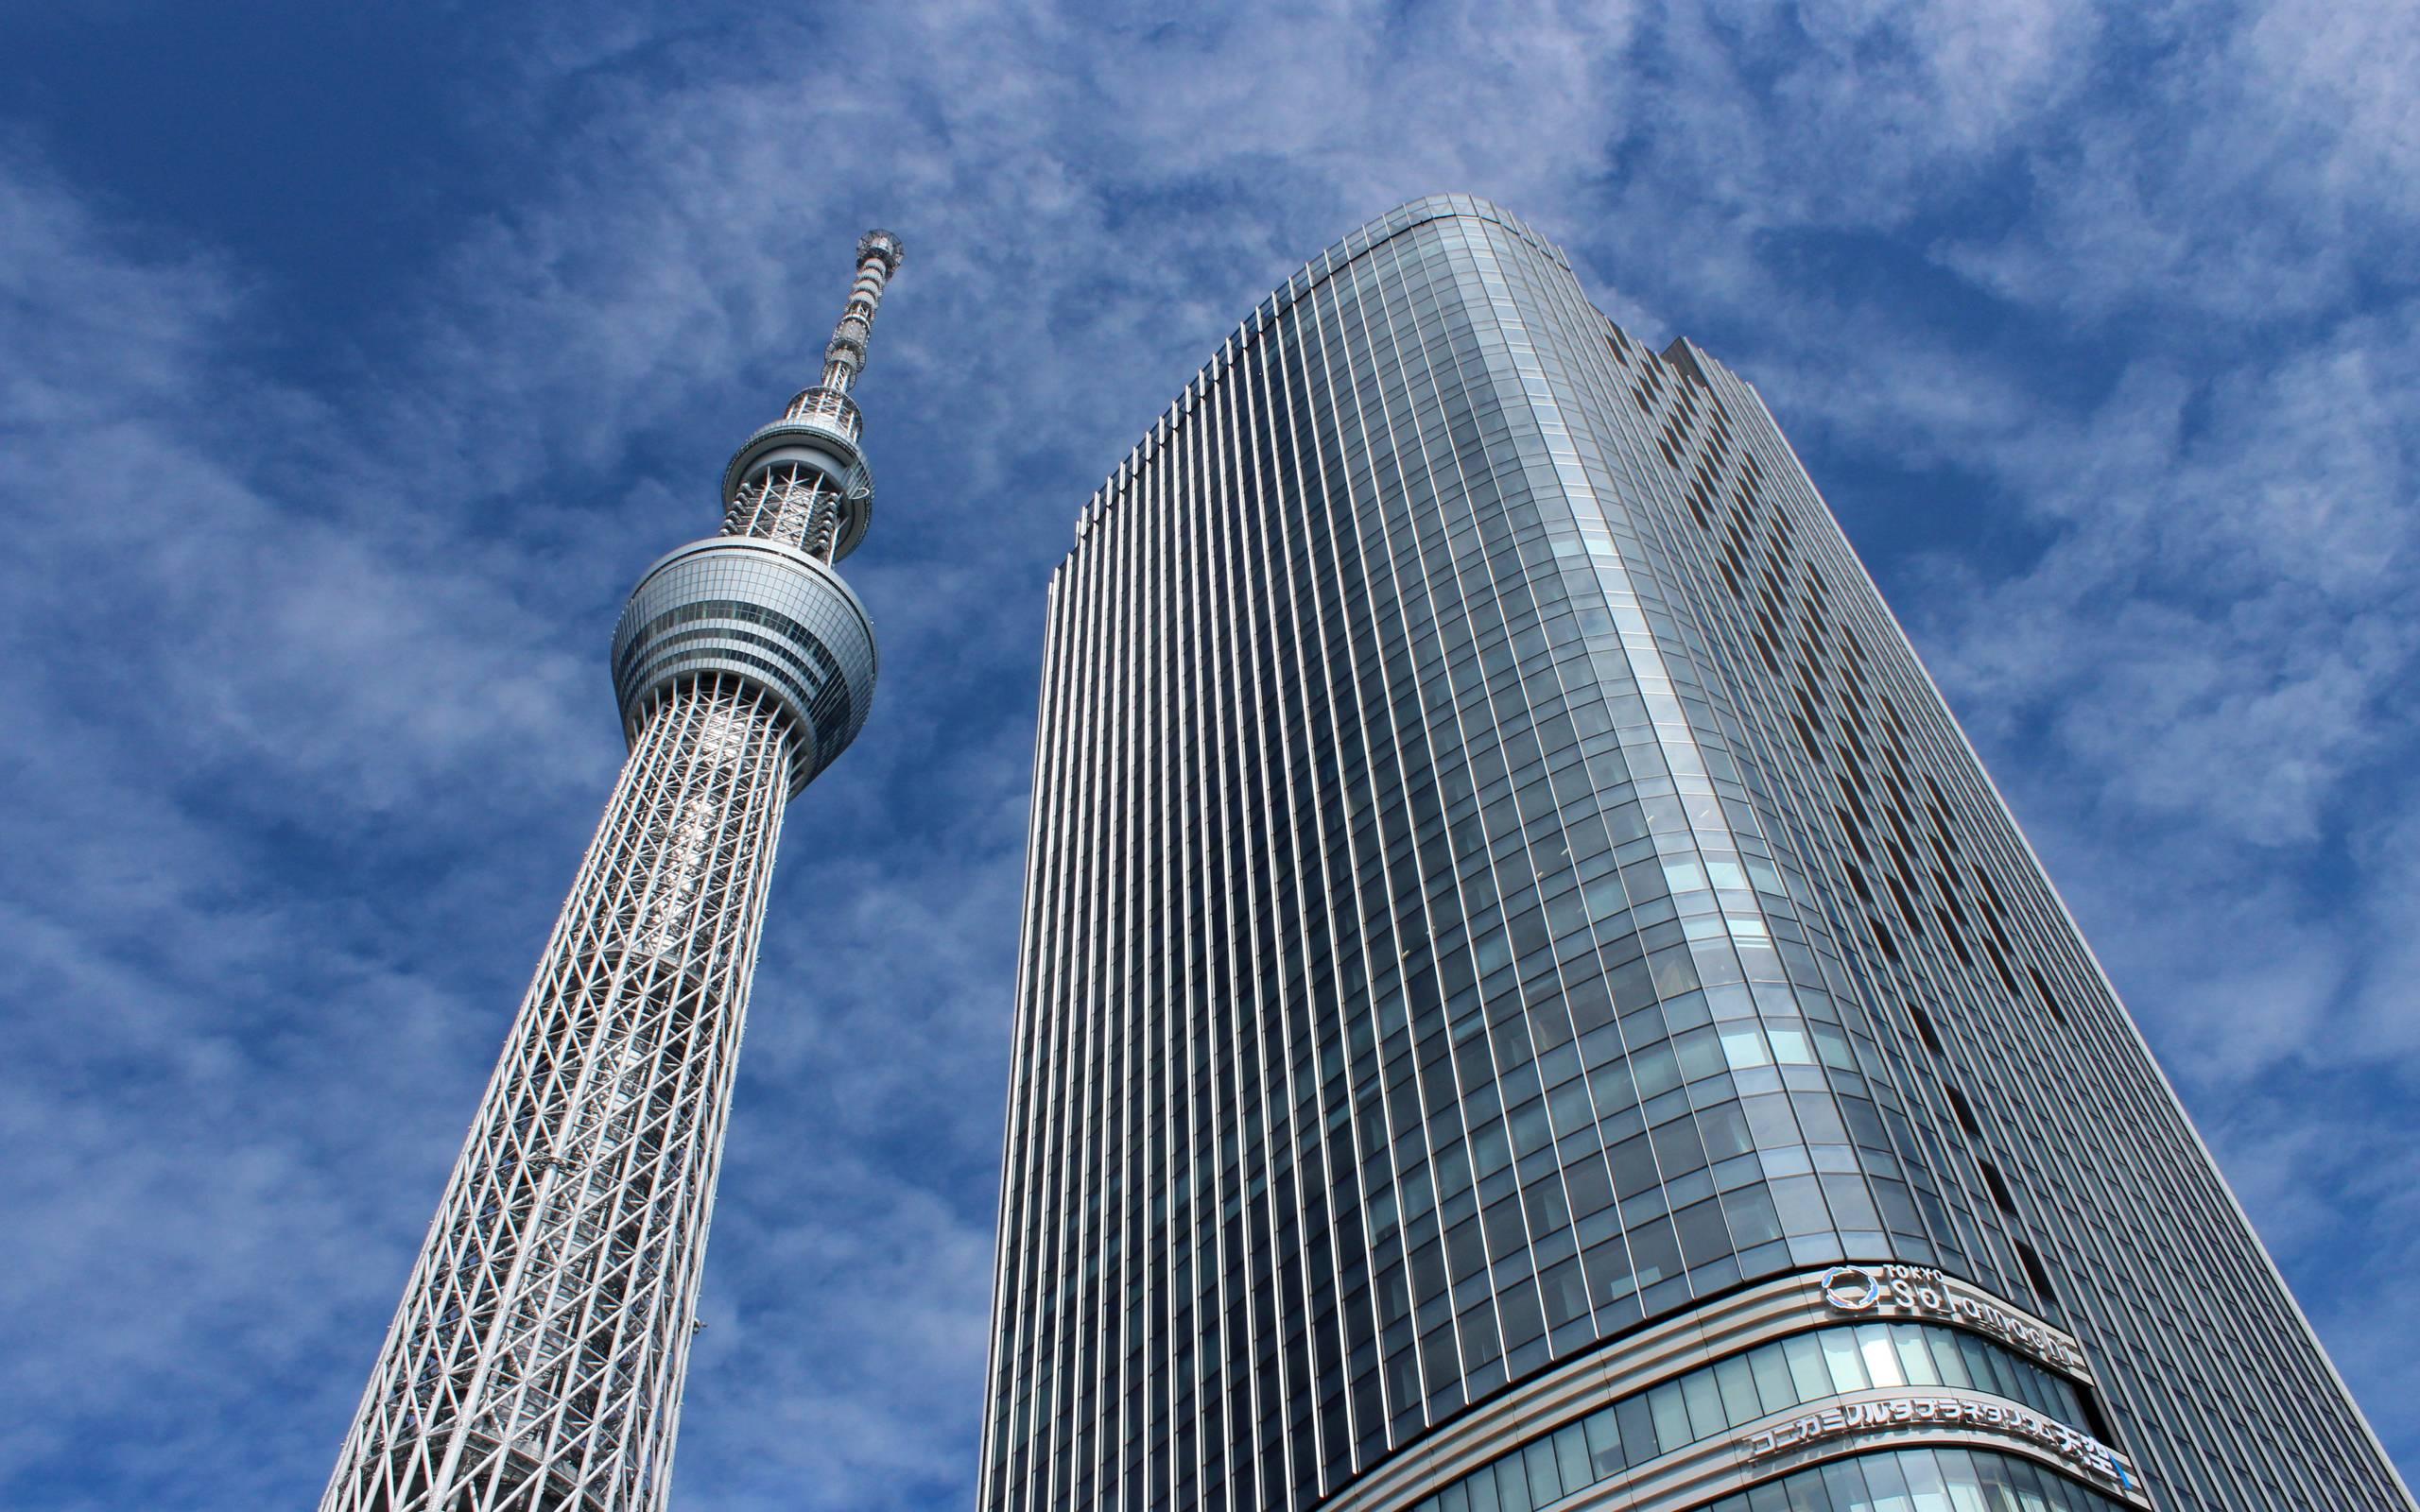 skyscraper - photo #14